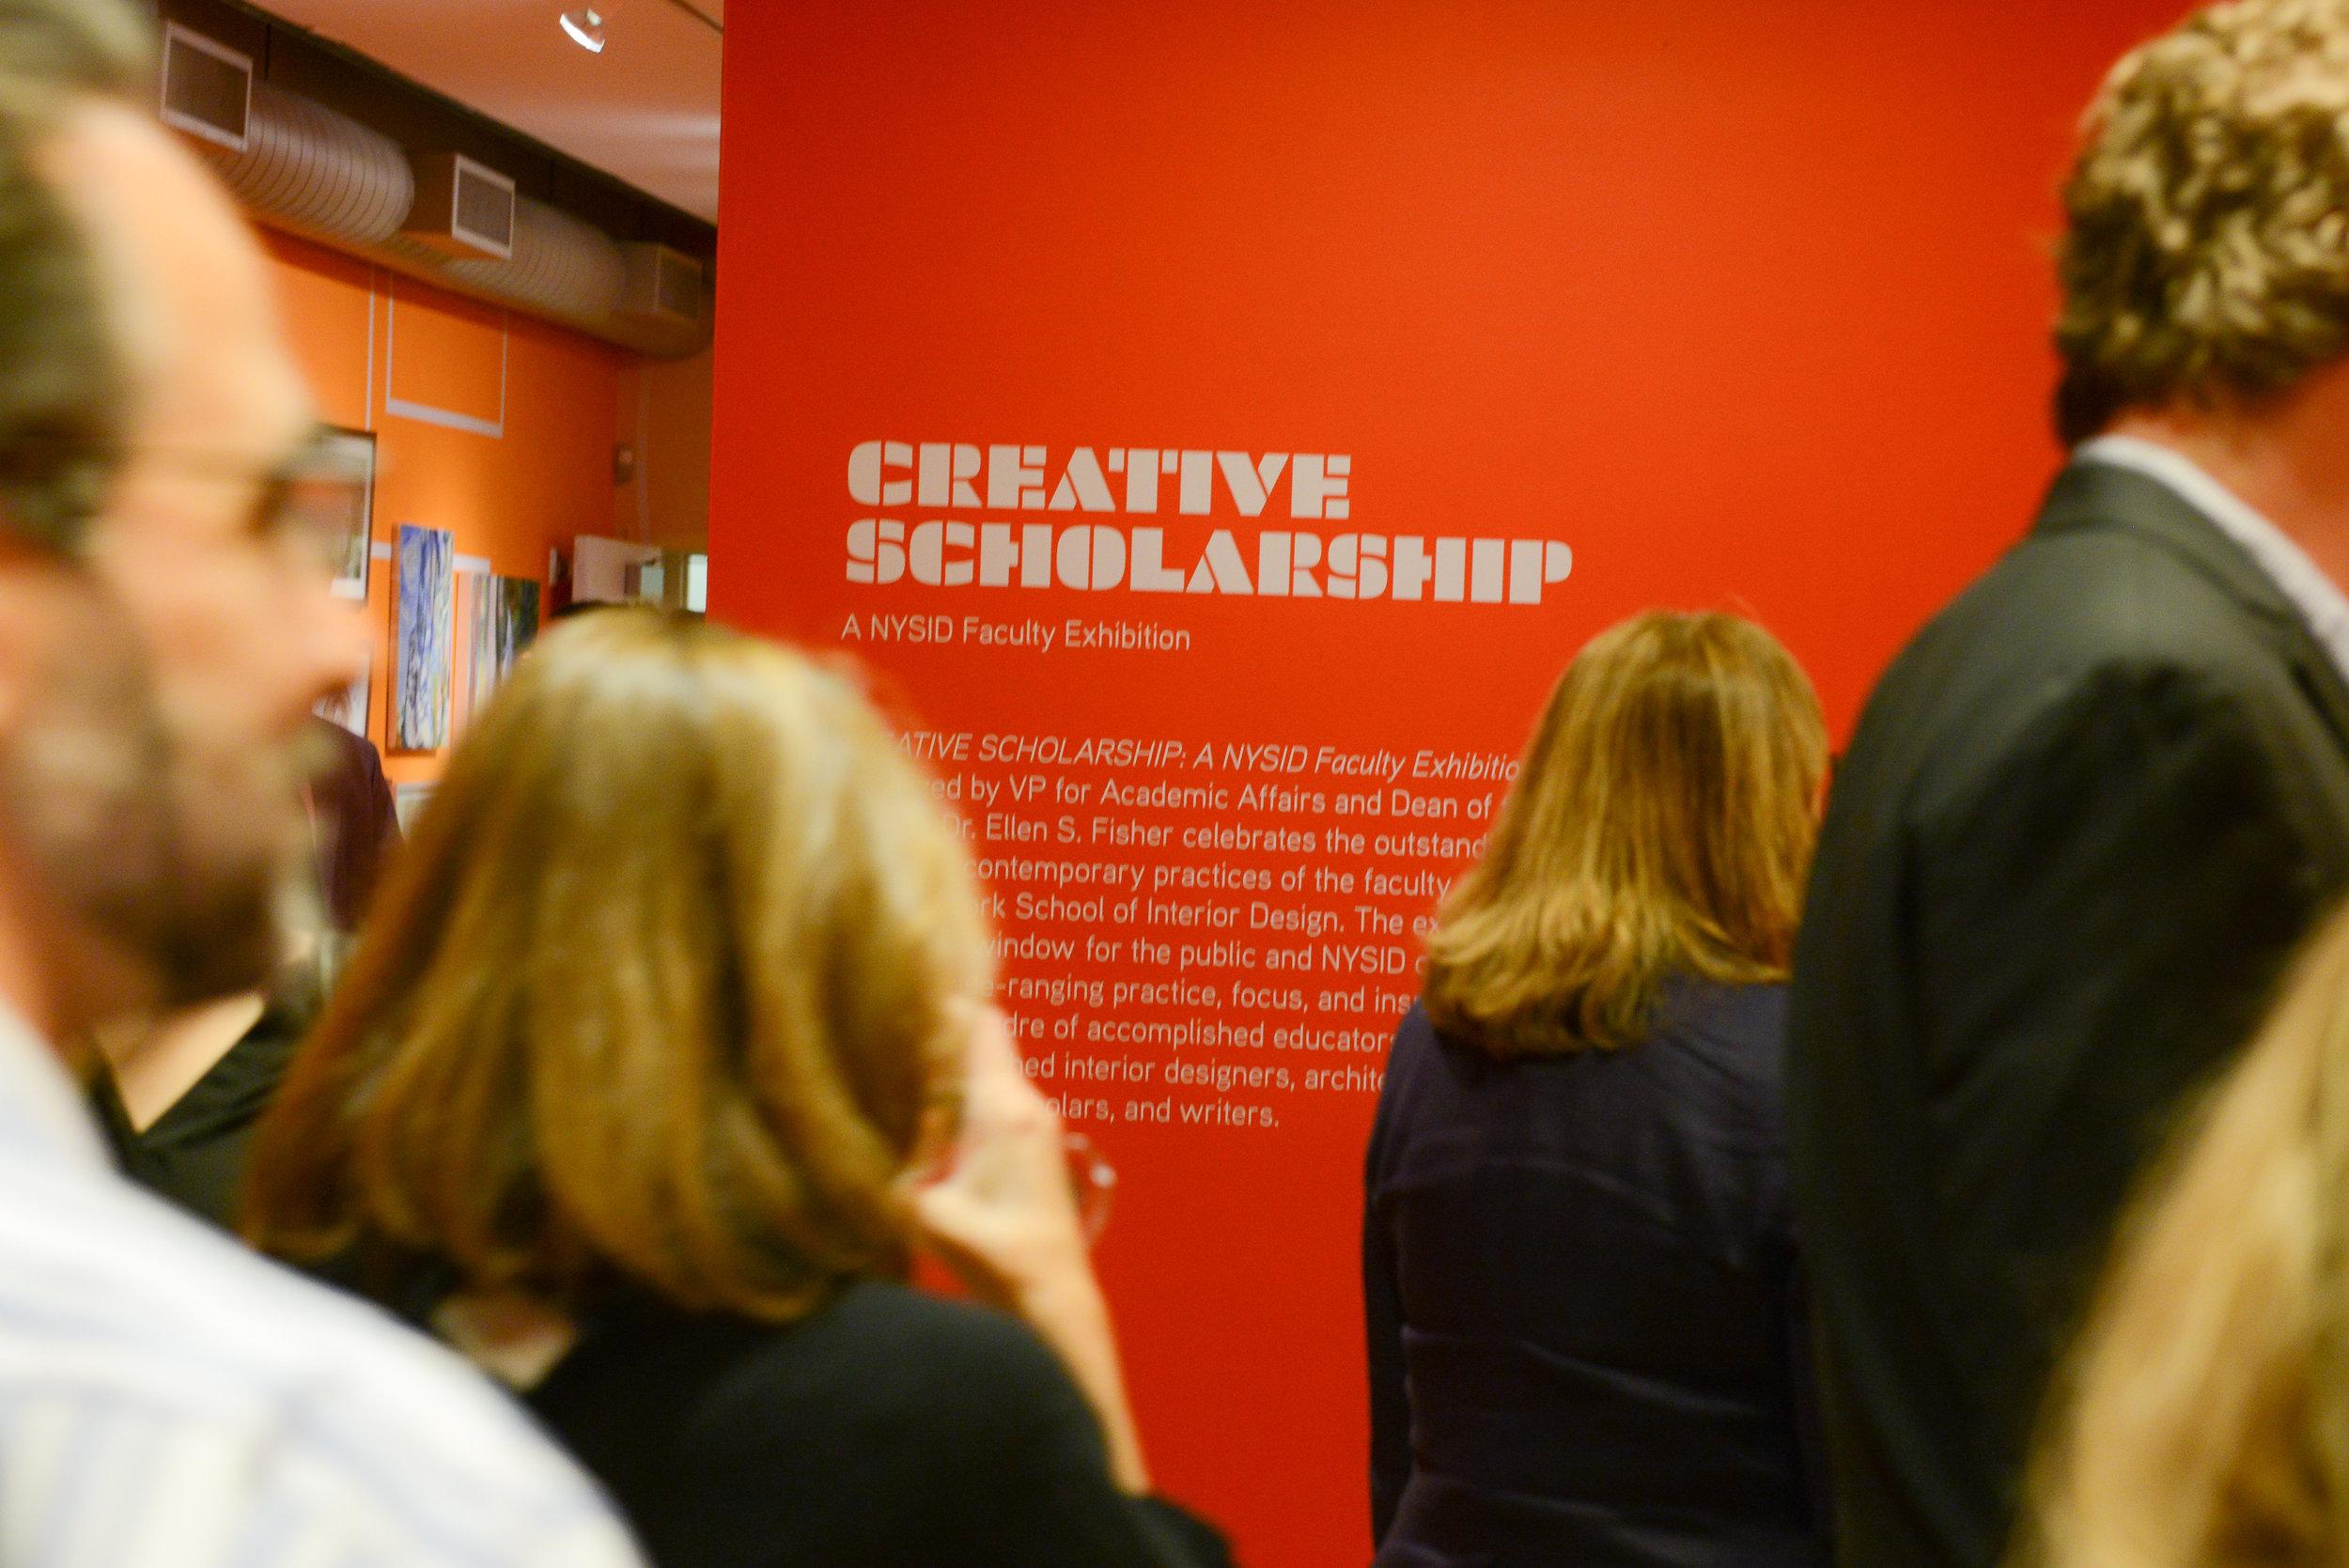 creative-scholarship-a-nysid-faculty-exhibition_36845154563_o[1].jpg